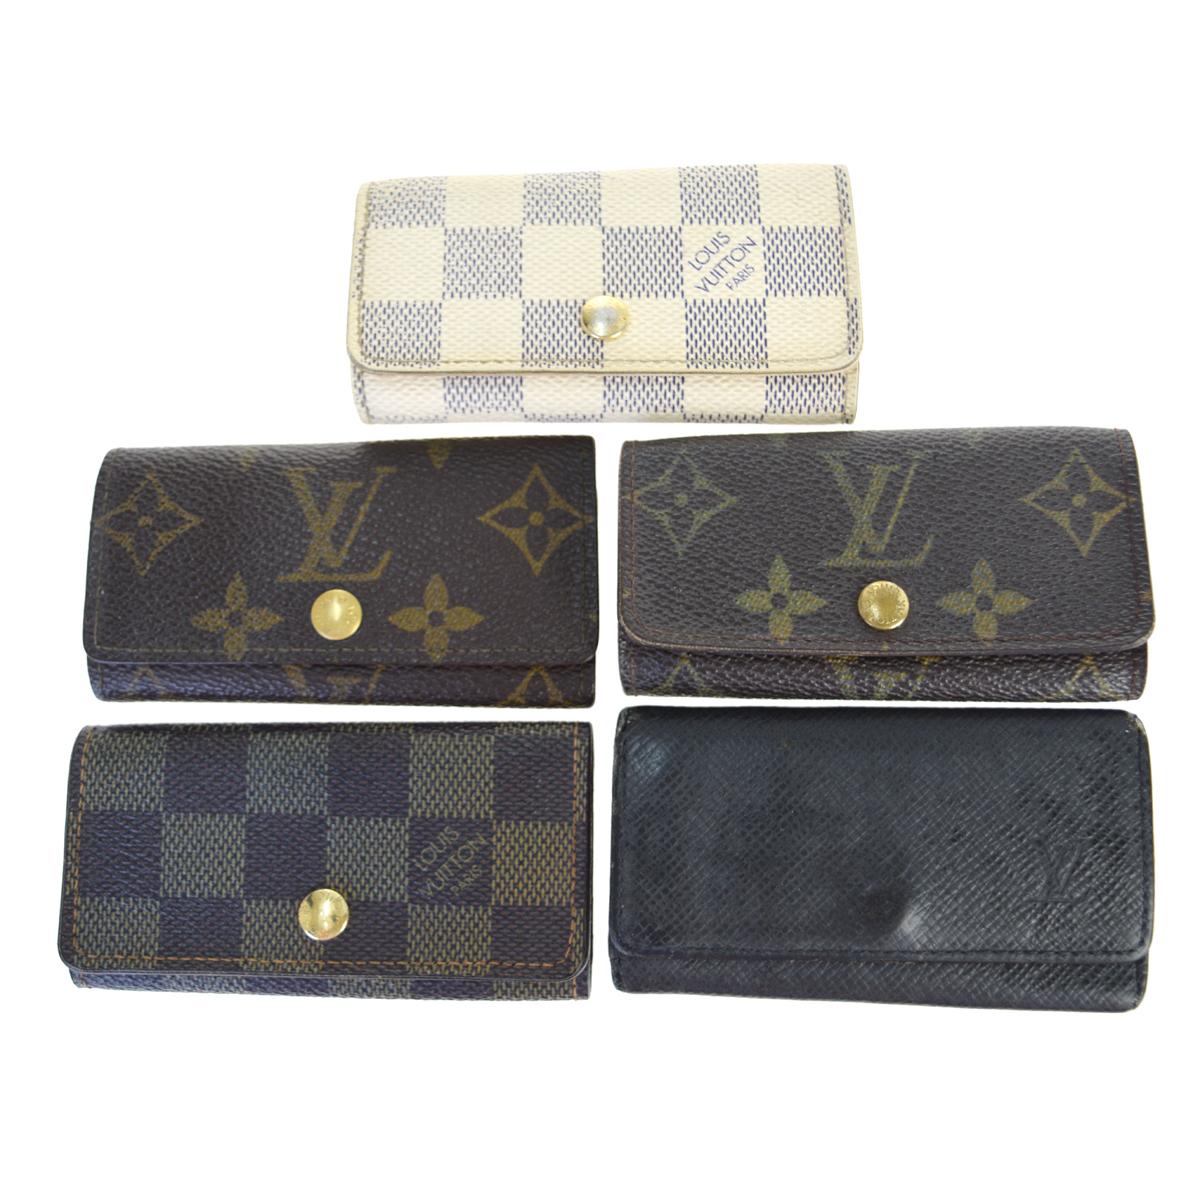 【中古】 ルイ・ヴィトン(Louis Vuitton) モノグラム 5点セット ミュルティクレ4 レザー キーケース ブラウン 05GC056